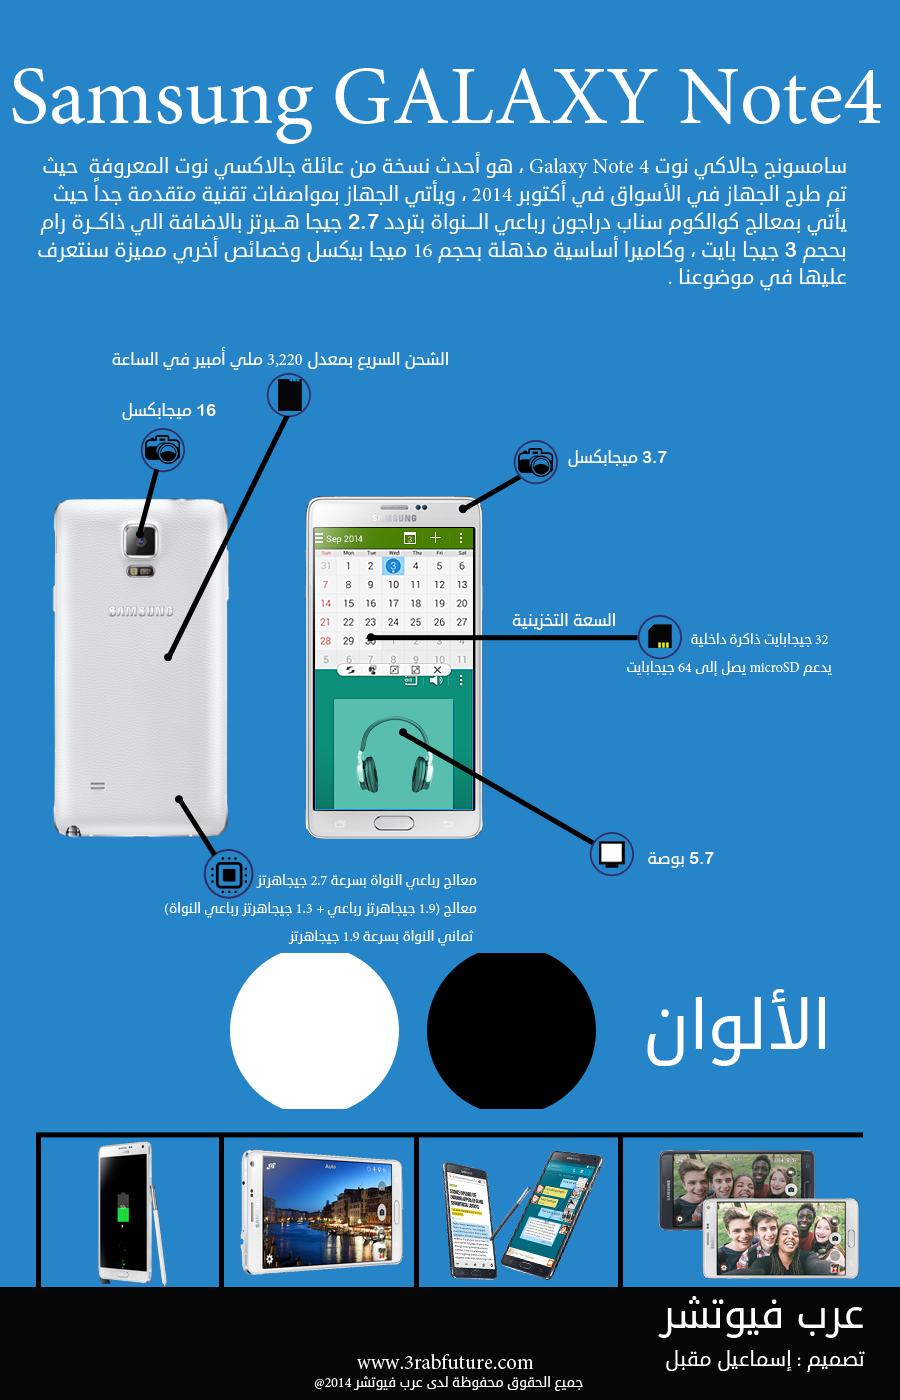 انفوجرافيك : مواصفات ومميزات وأسعار جالاكسي نوت Samsung Galaxy Note 4